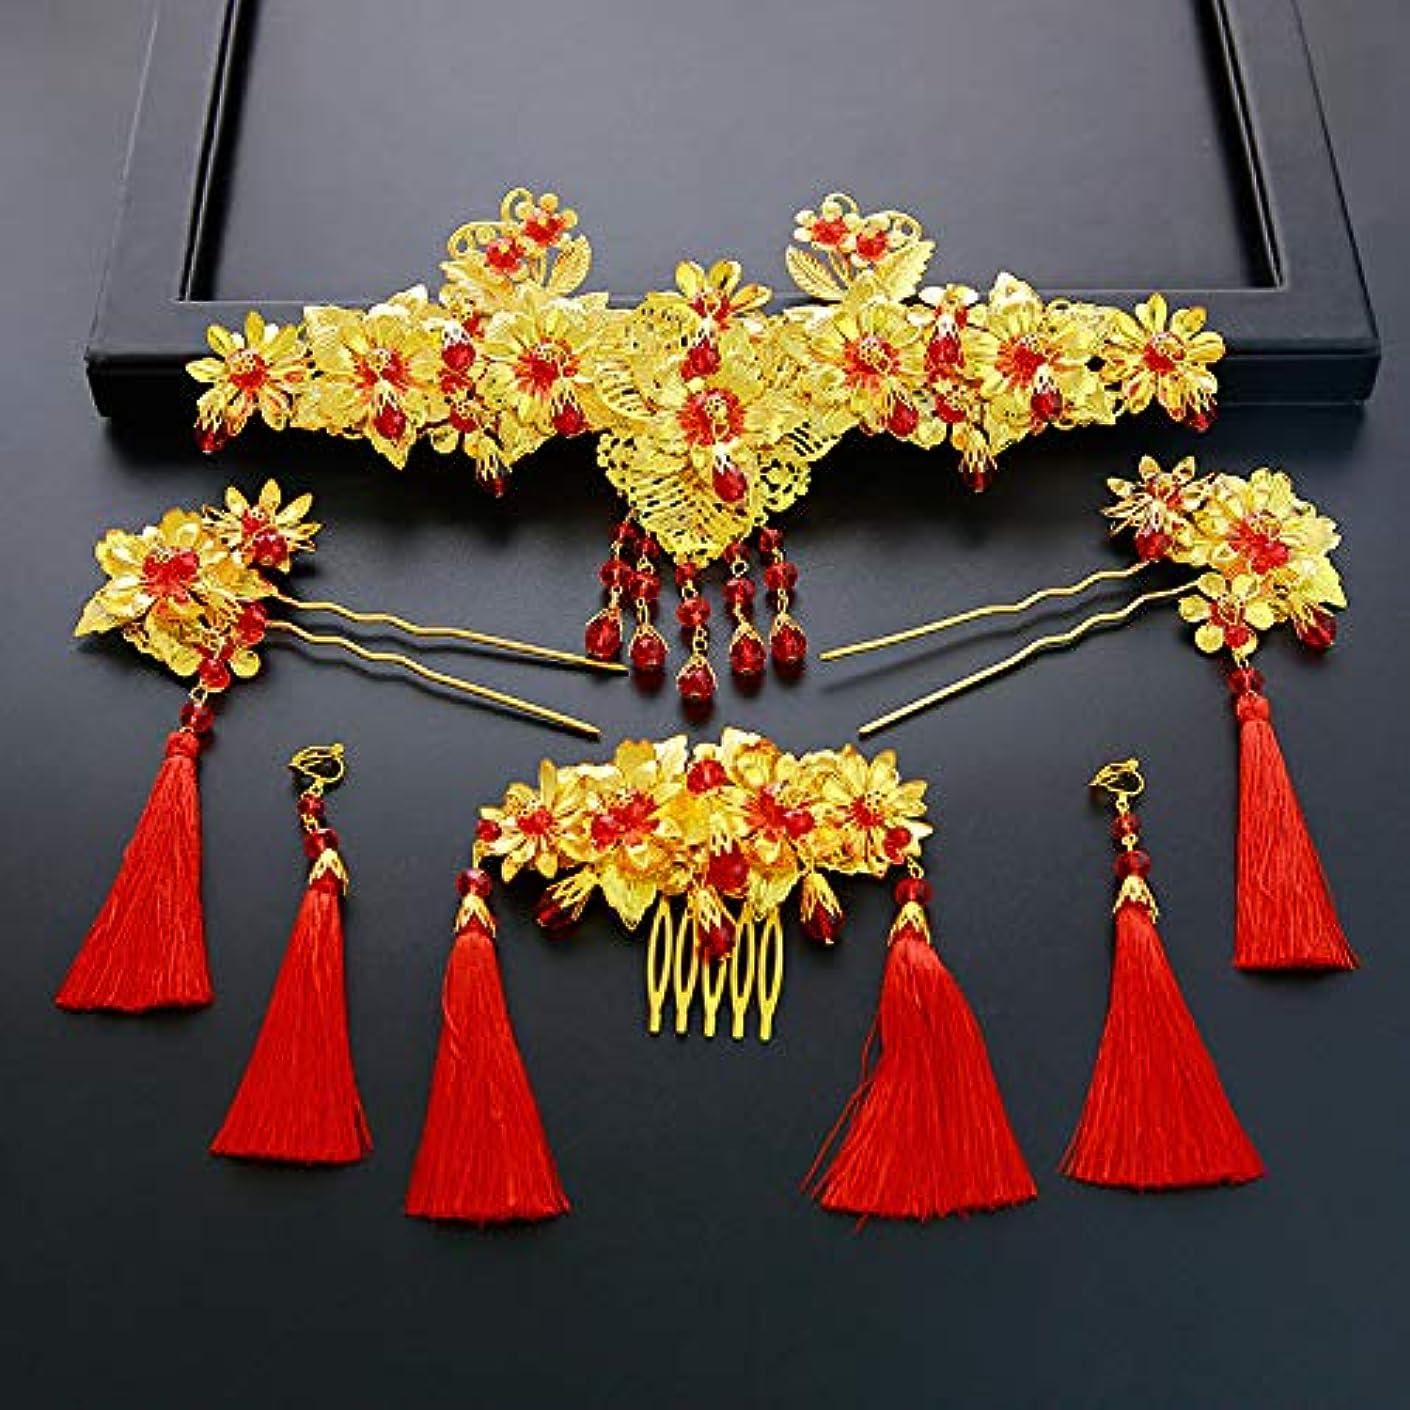 したいケントスリンクHuaQingPiJu-JP 古典的なヘアピン中国のスタイルハンドメイドヘアピンヴィンテージヘアクリップ(金)